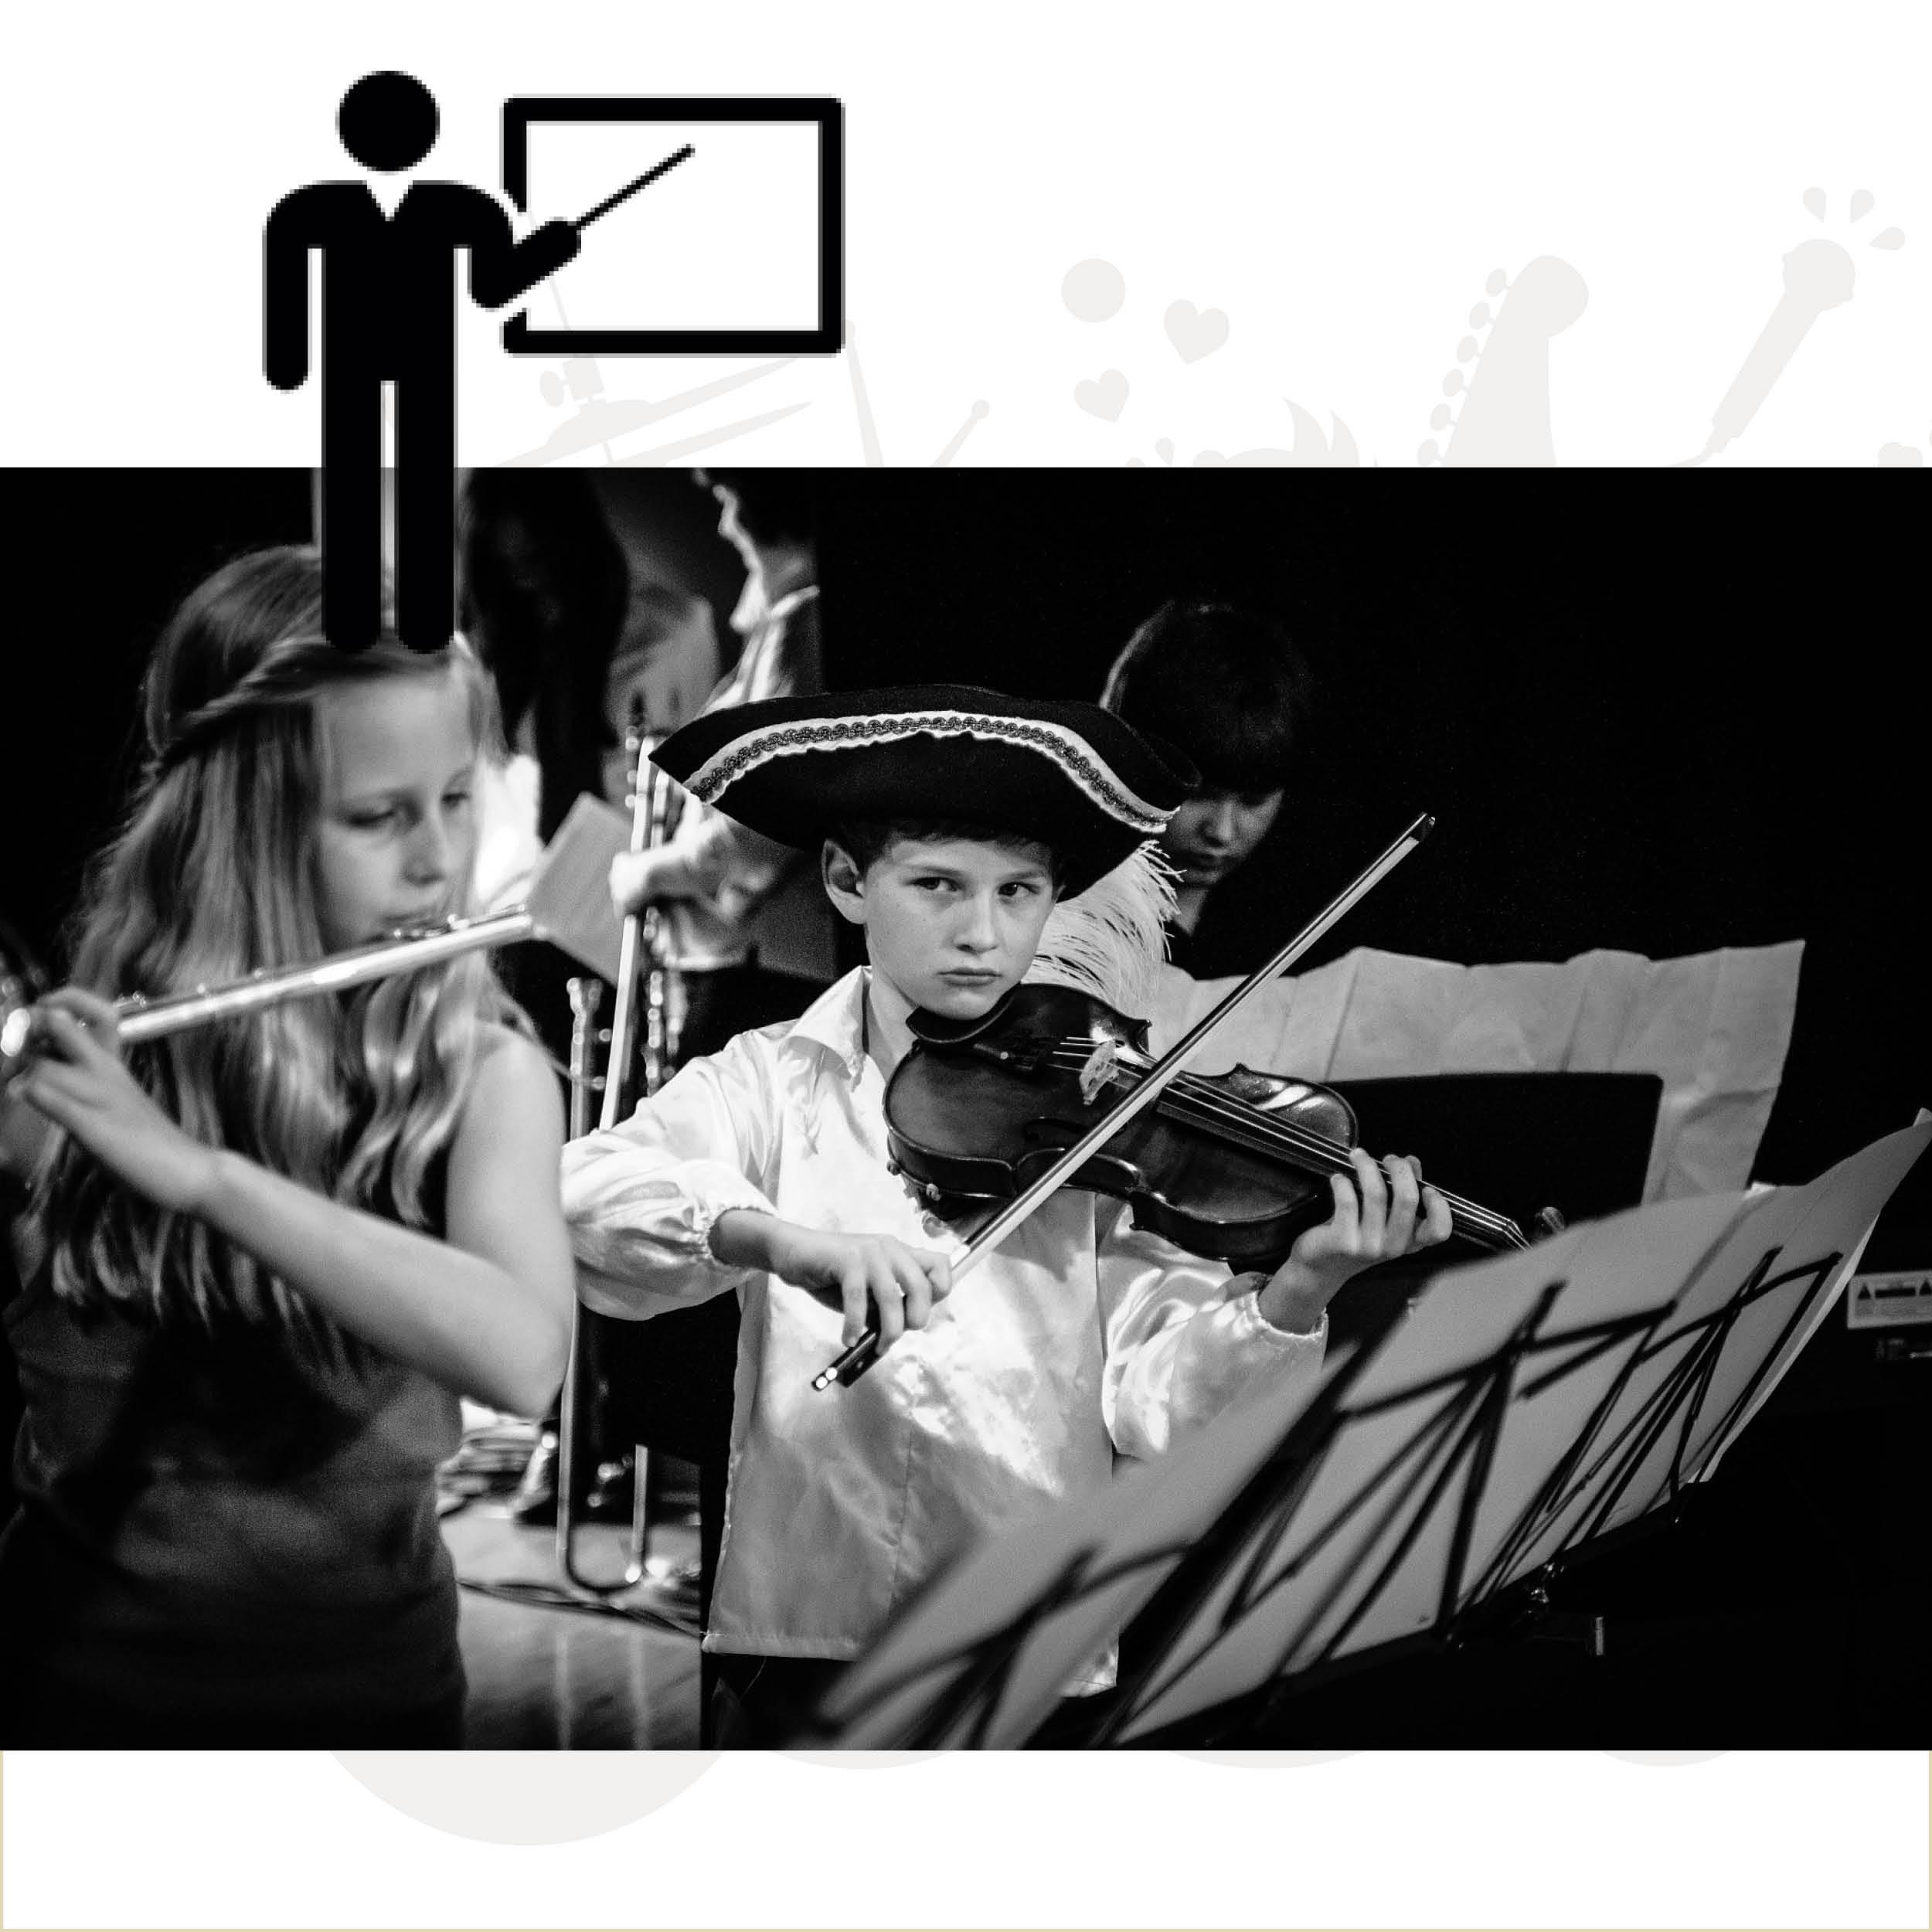 Lærervejledning - Blæs, slå og spil